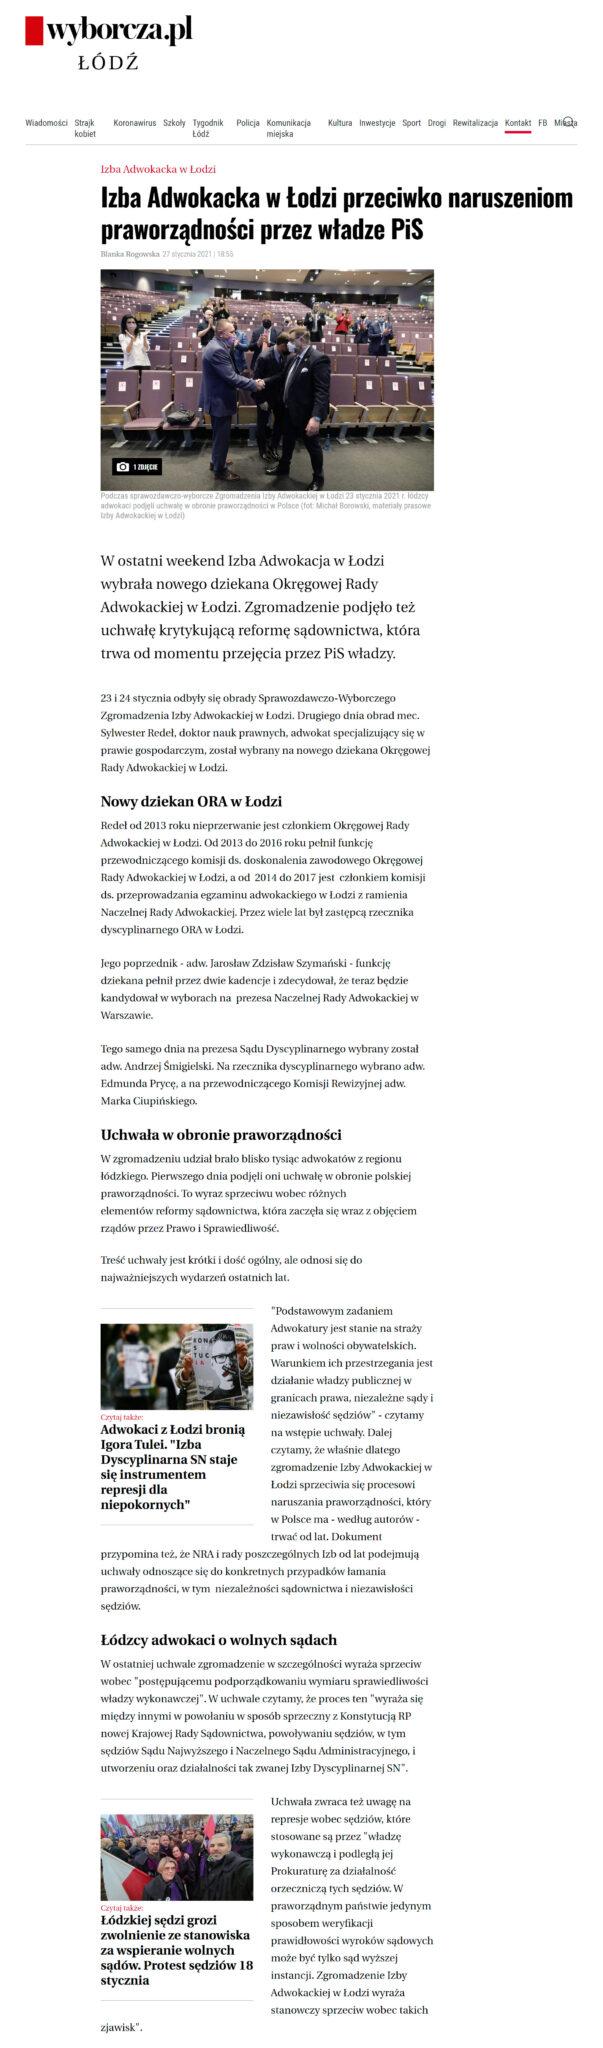 gazeta wyborcza 2021-01-27